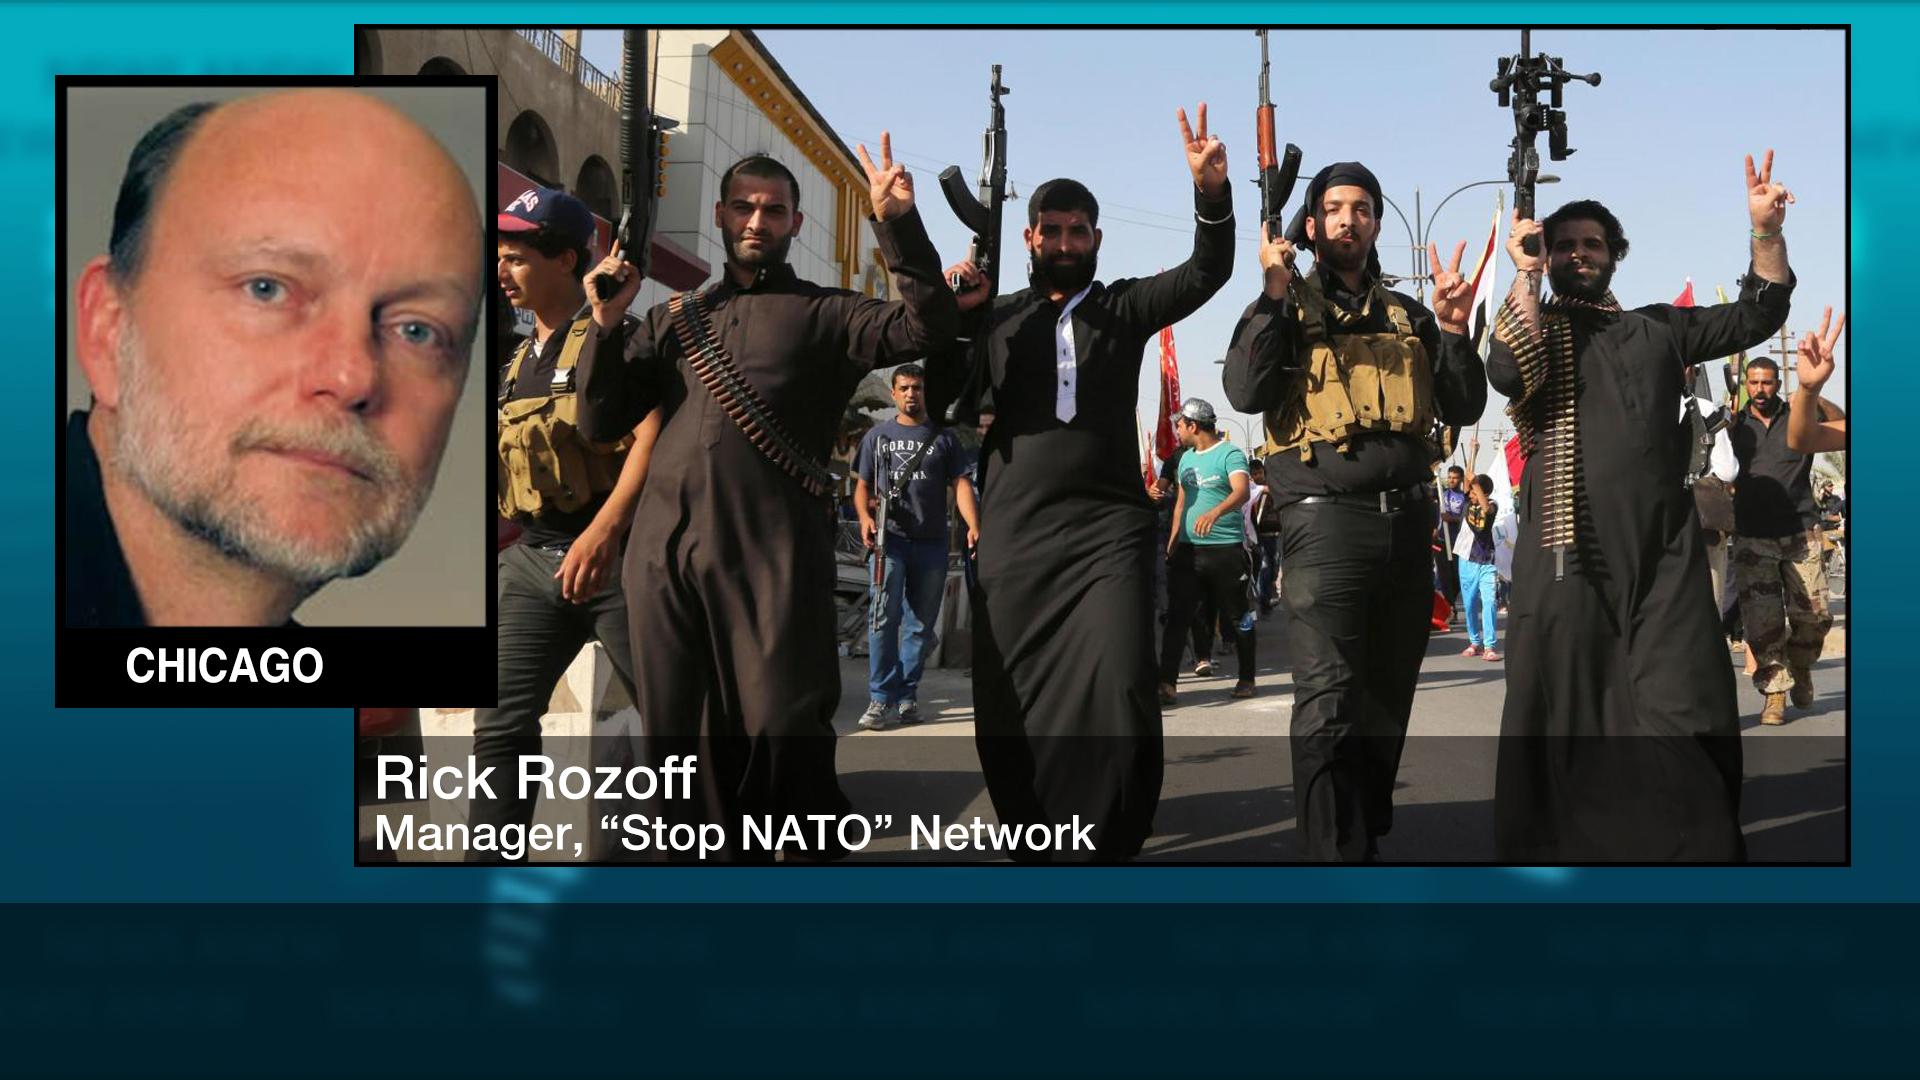 379061_US ISIL WARIRAQ